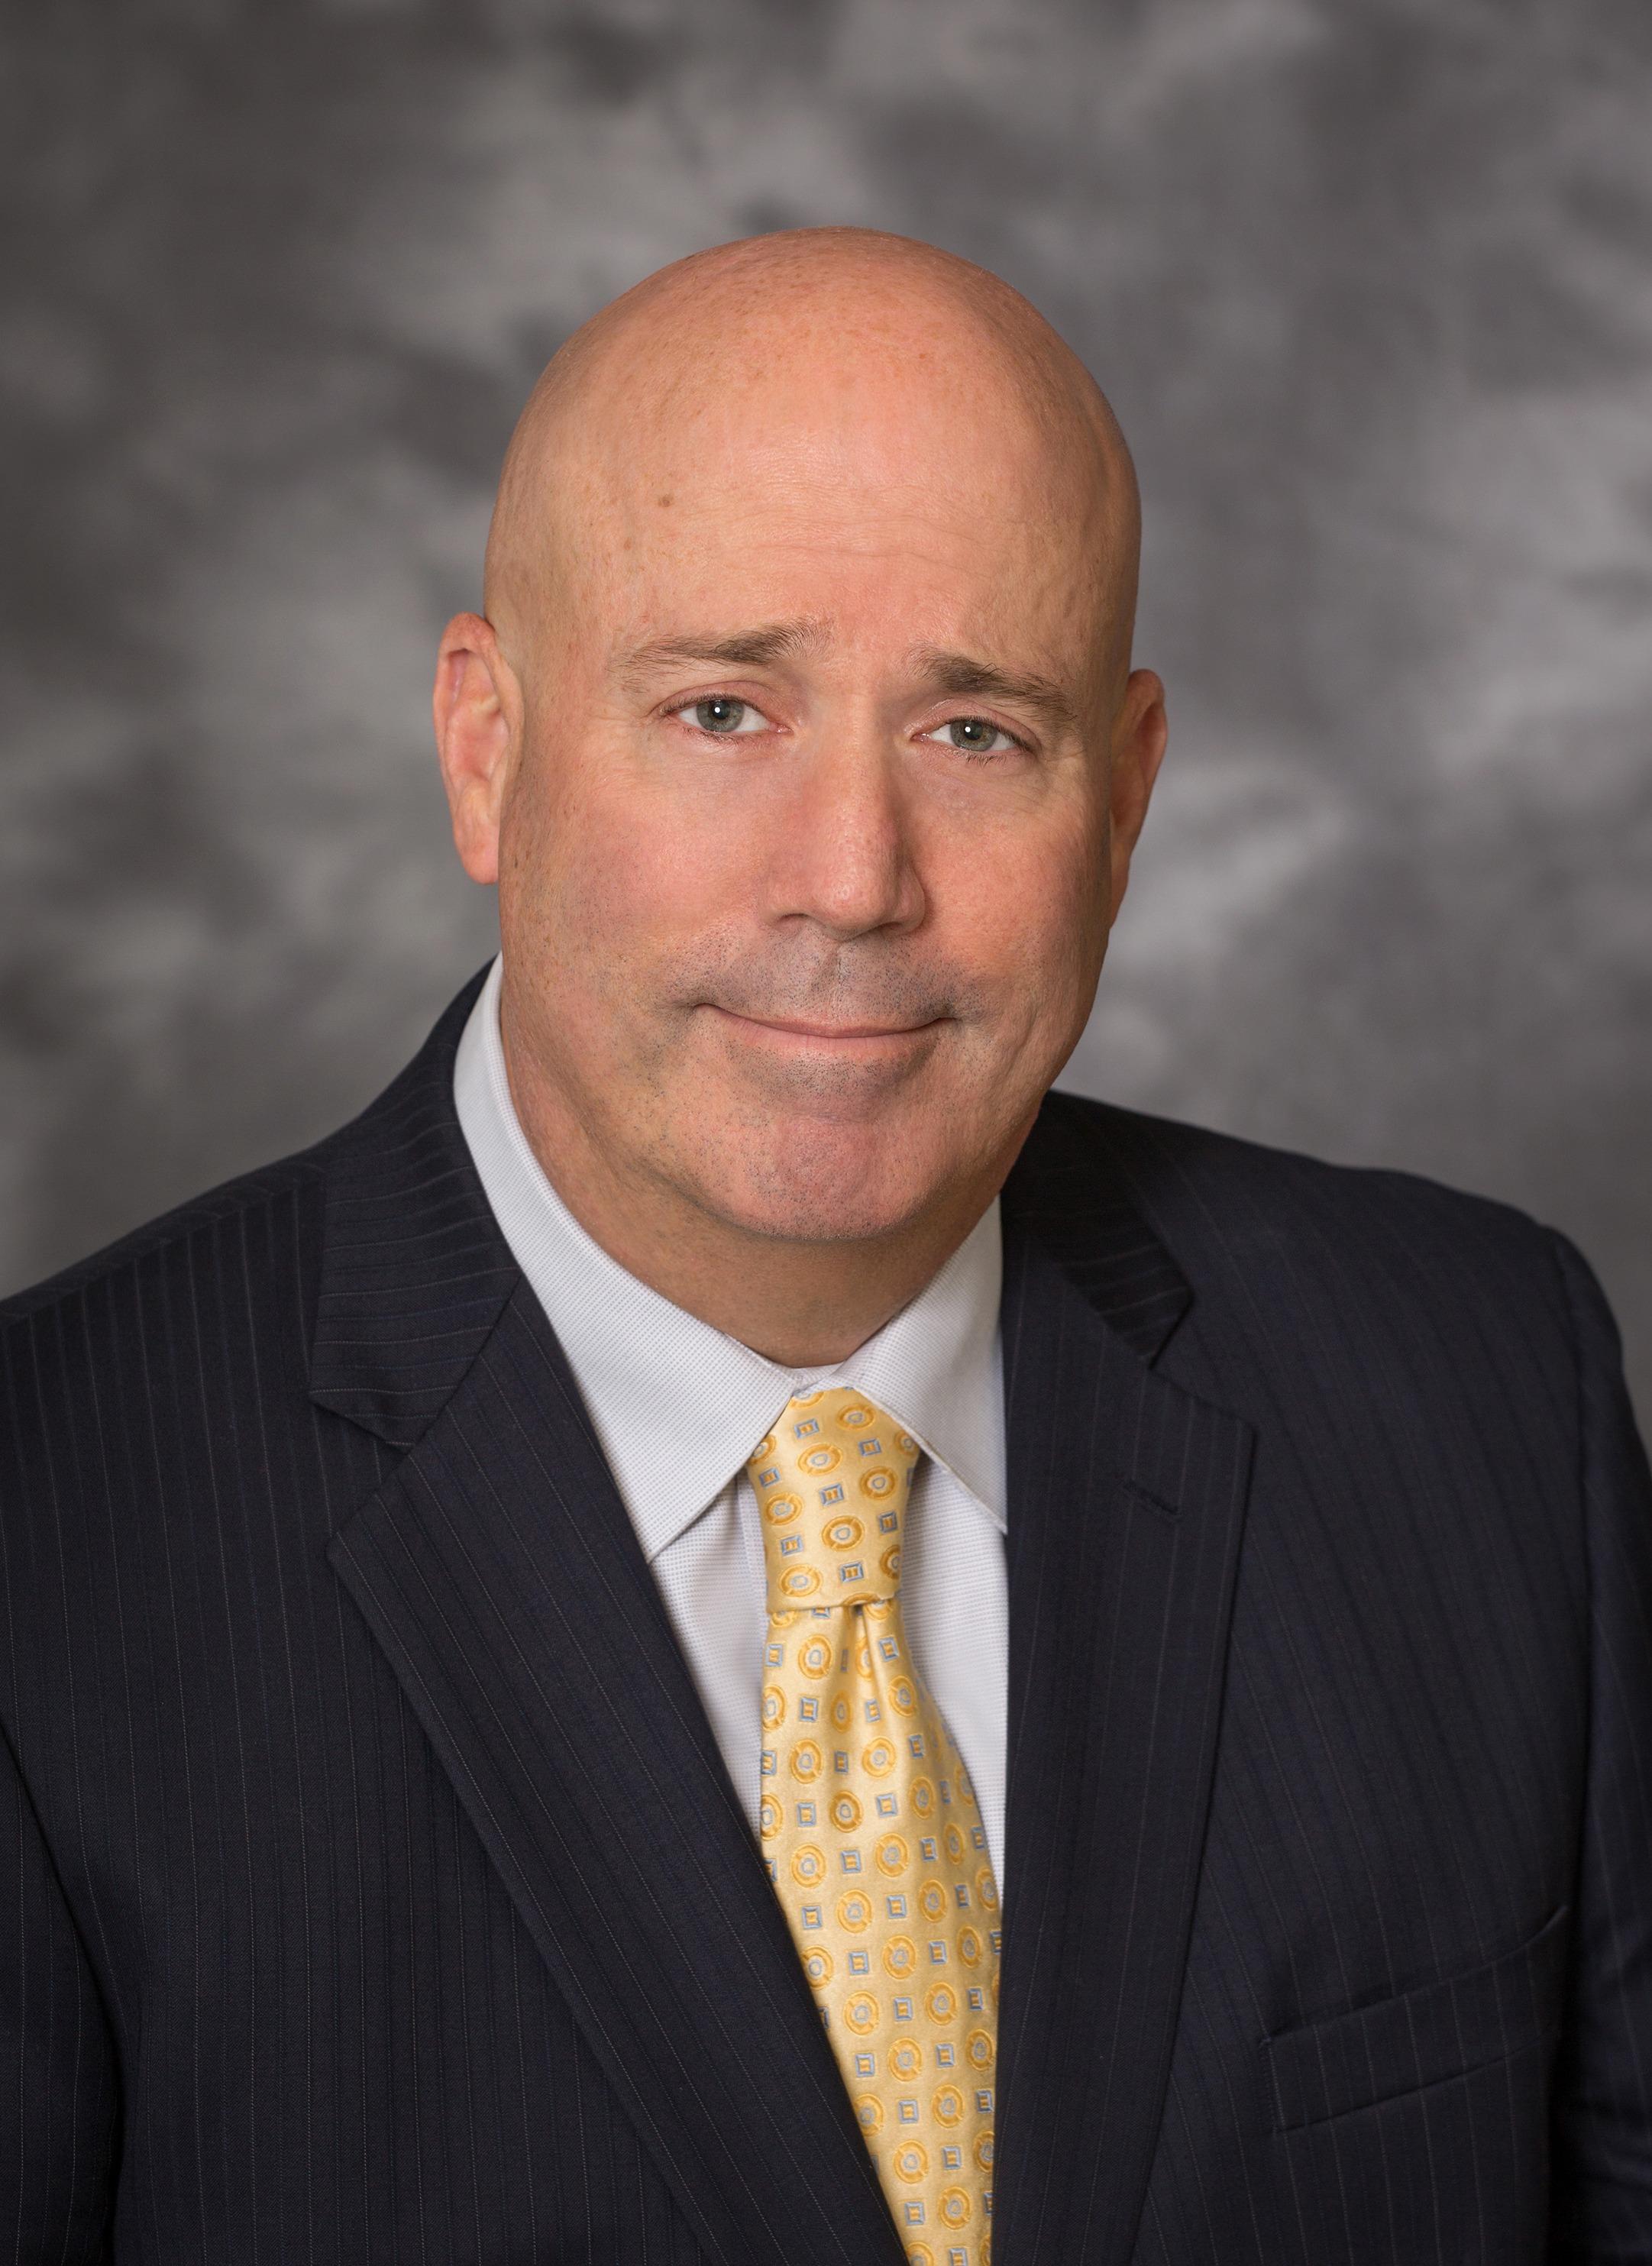 Michael P. Anselmo